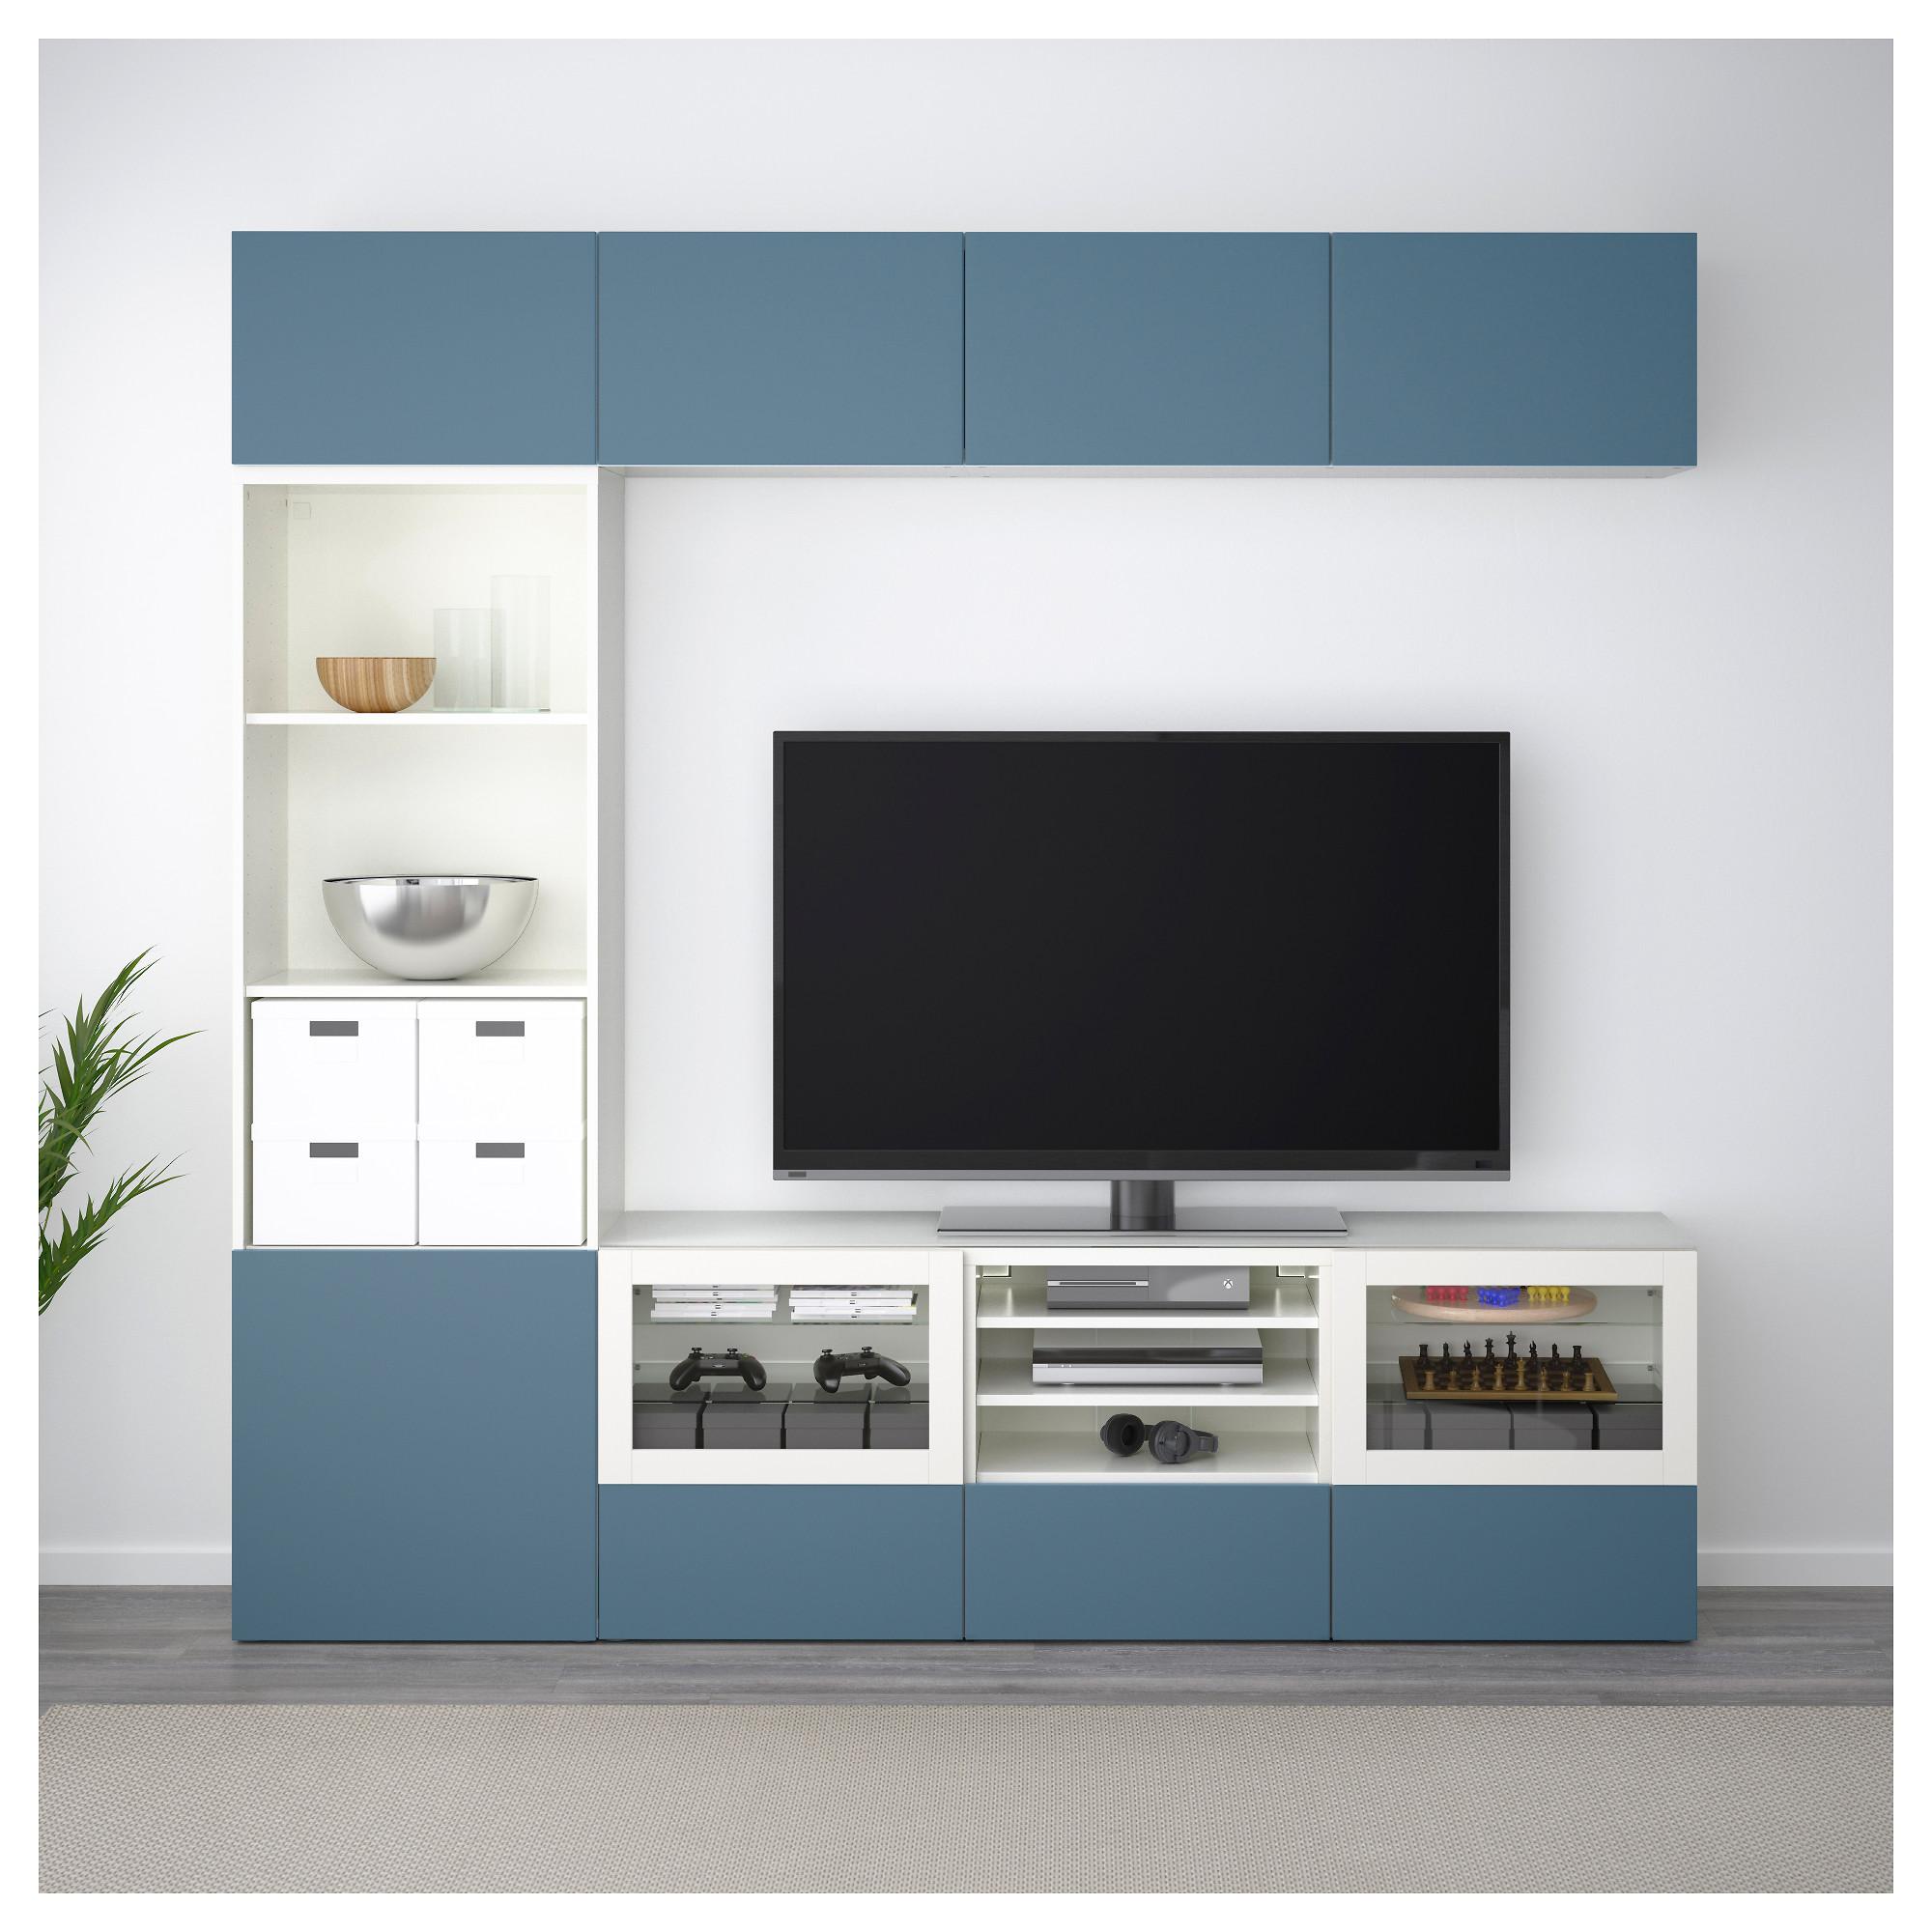 Шкаф для ТВ, комбинированный, стекляные дверцы БЕСТО артикуль № 692.461.94 в наличии. Интернет сайт ИКЕА РБ. Недорогая доставка и монтаж.